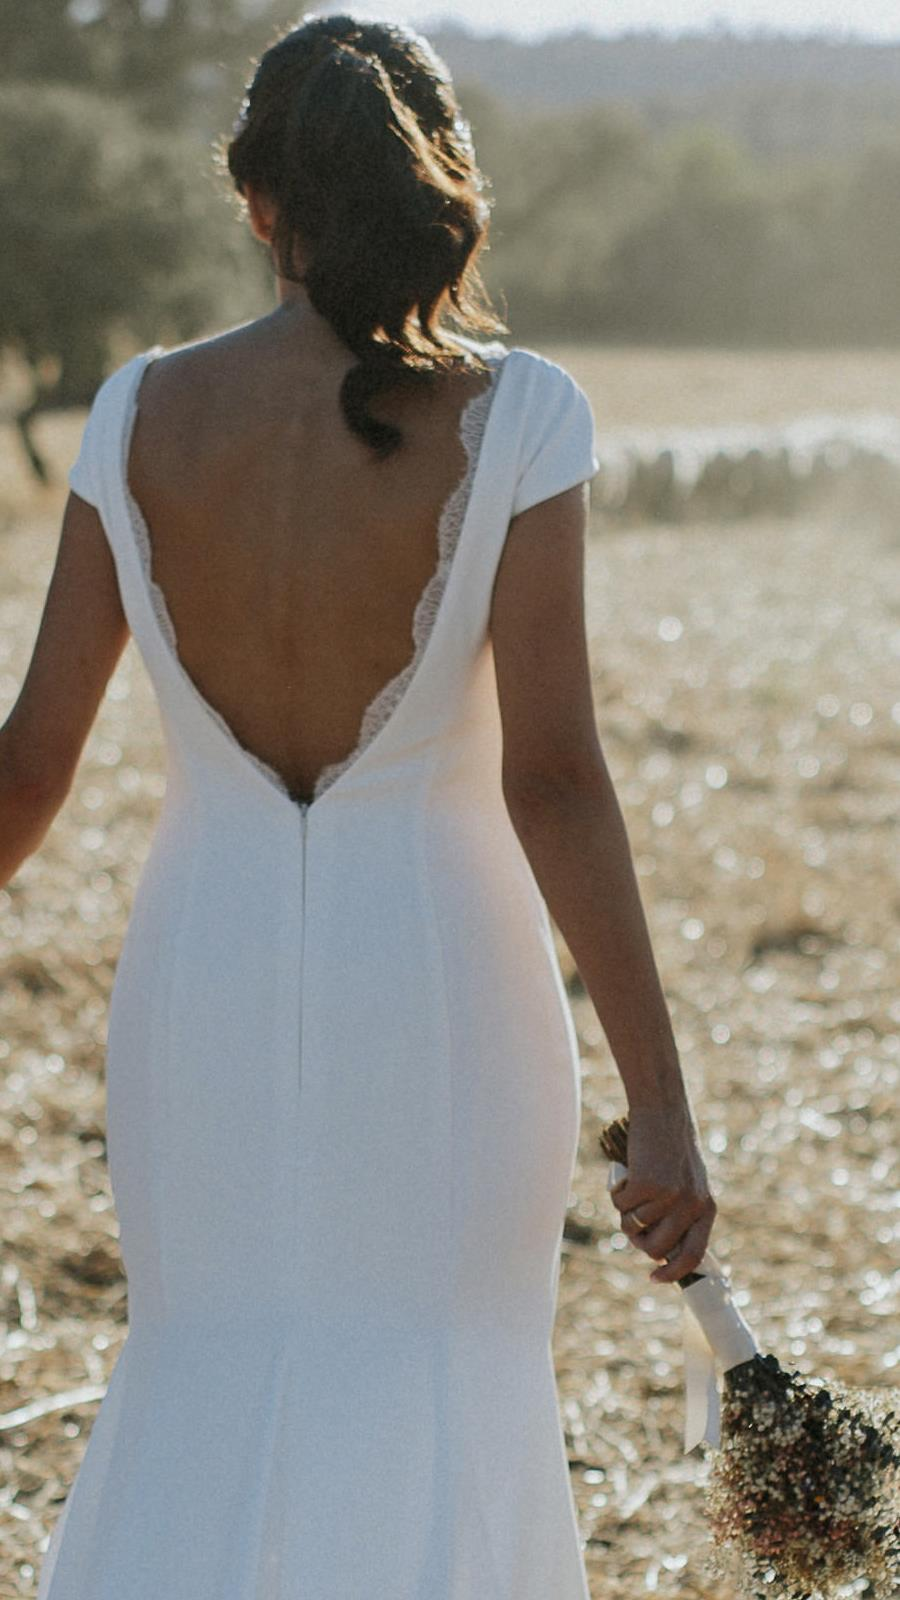 d3fe0a45a Vestido de novia de segunda mano de Weddalia de Rosa Clará 2.300 euros a  950 euros